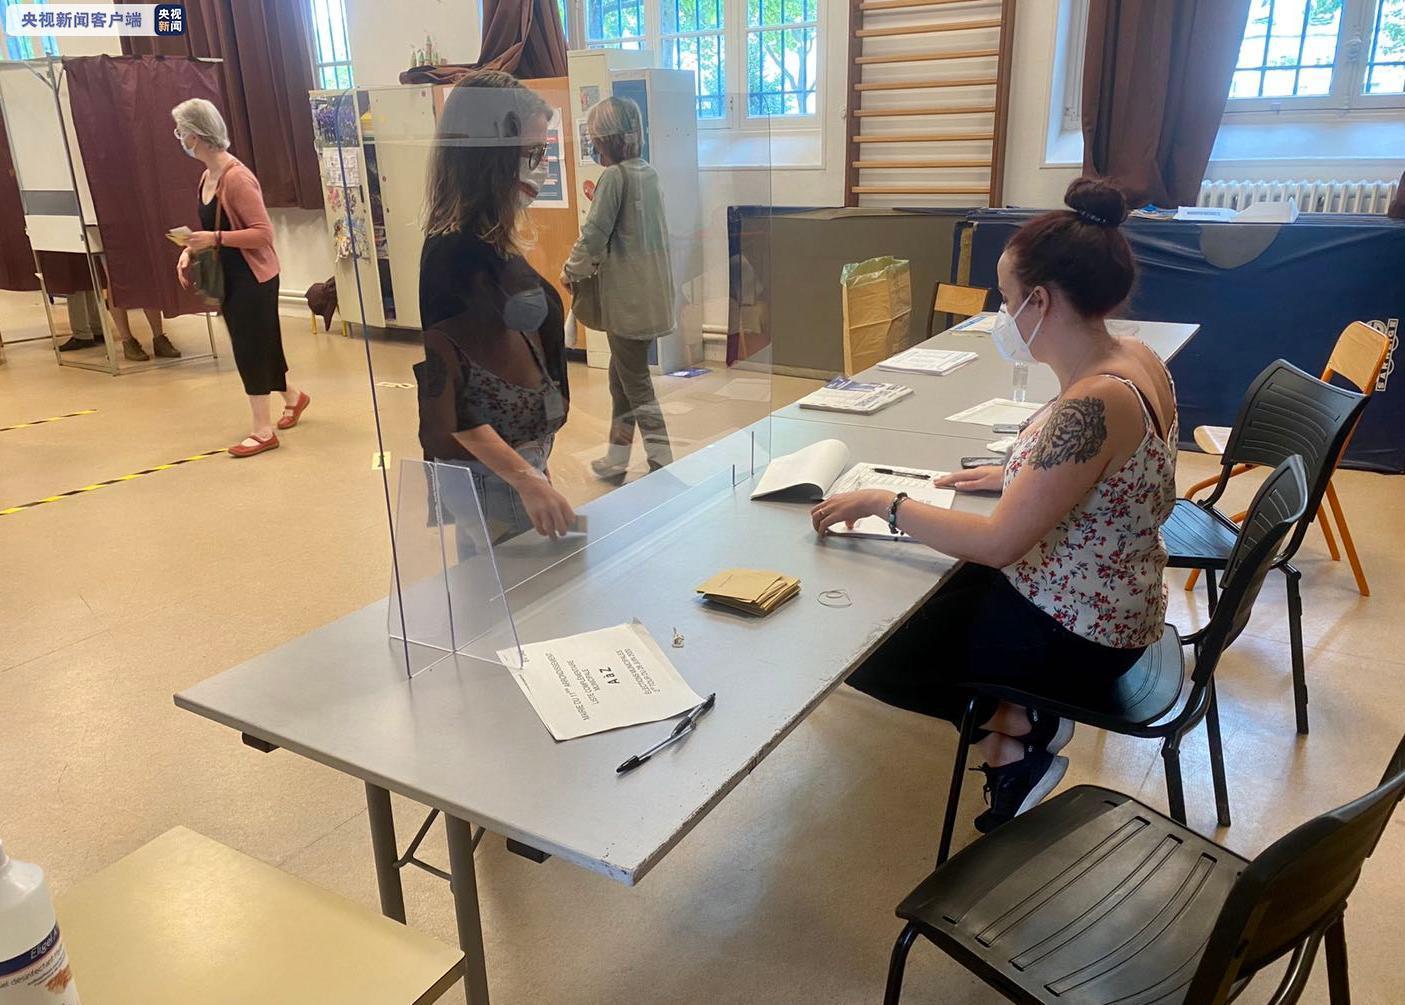 欧博allbet客户端:法国市镇选举第二轮开局投票率低迷 第3张